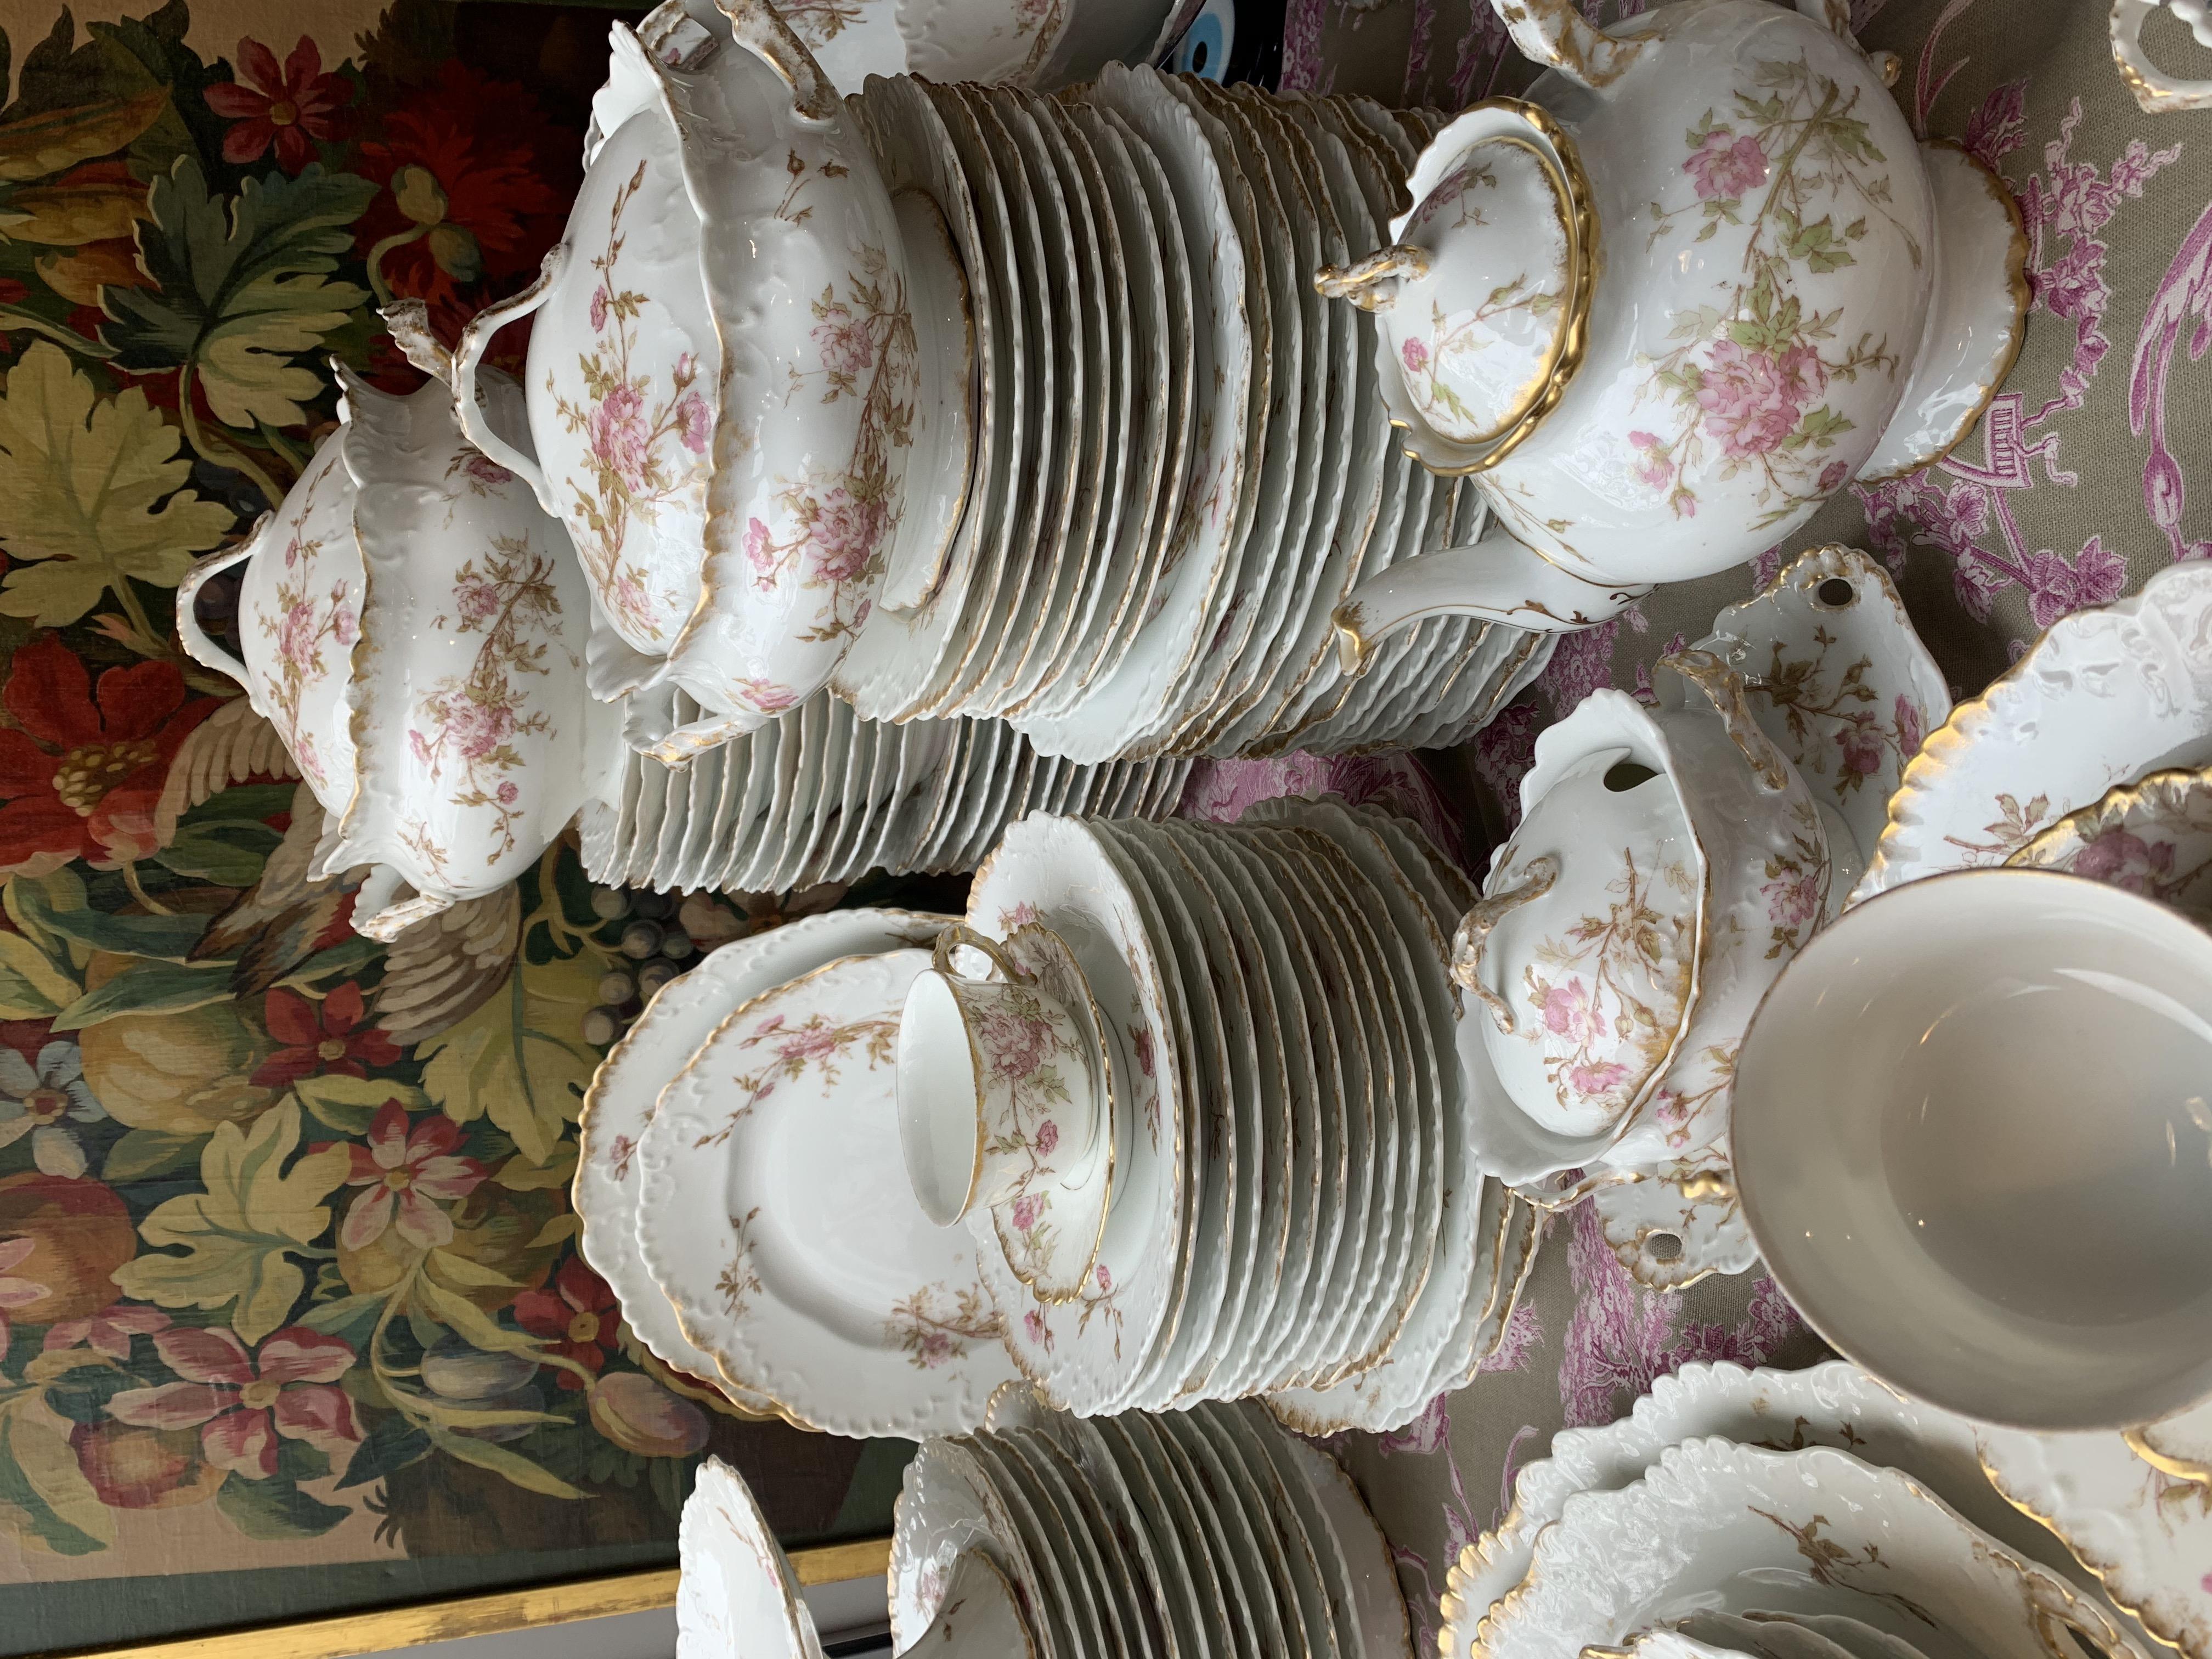 Prix D Un Service En Porcelaine De Limoges : service, porcelaine, limoges, Service, Porcelaine, Limoges, Serpette